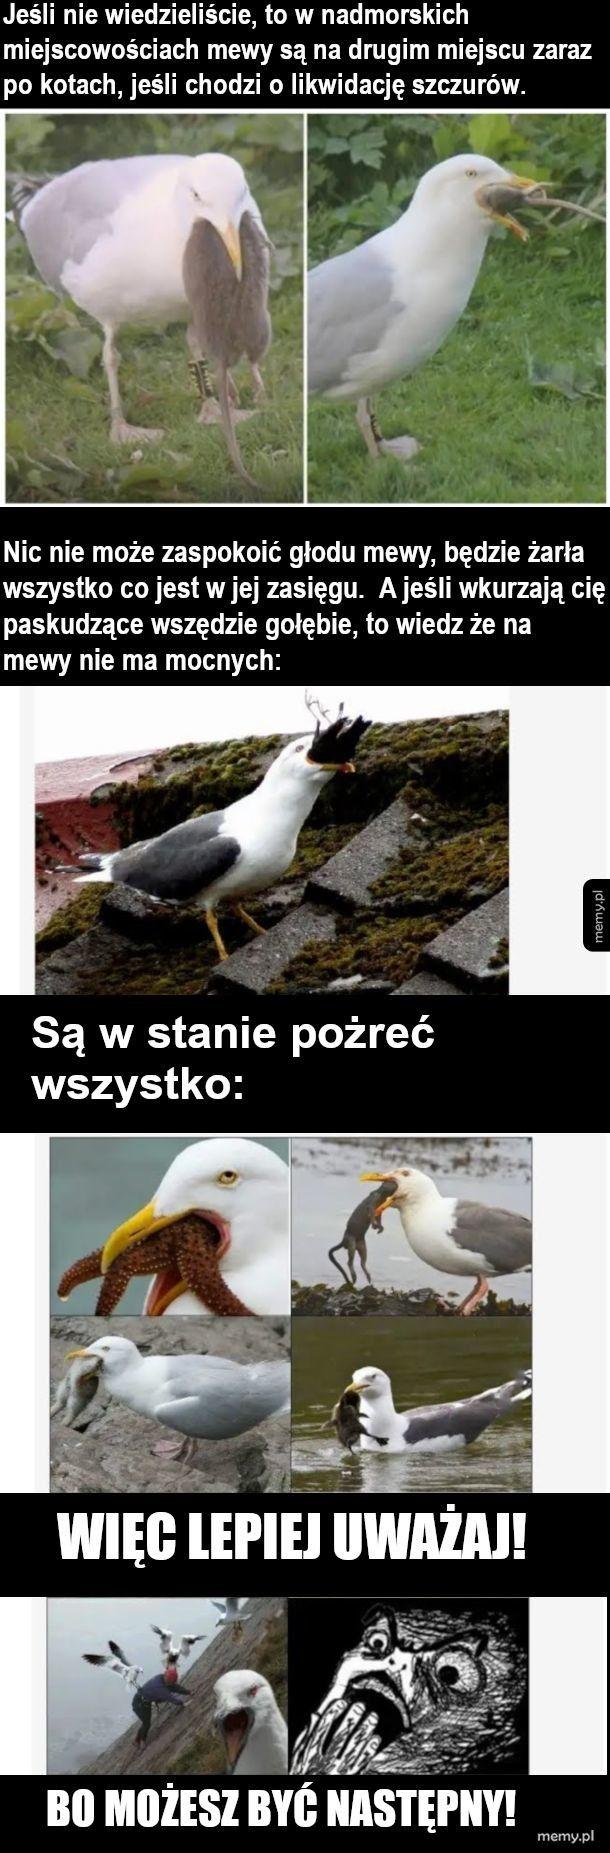 Pozyteczne ptaki to mewy